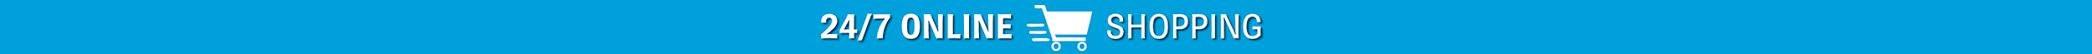 Shop Darvin Online